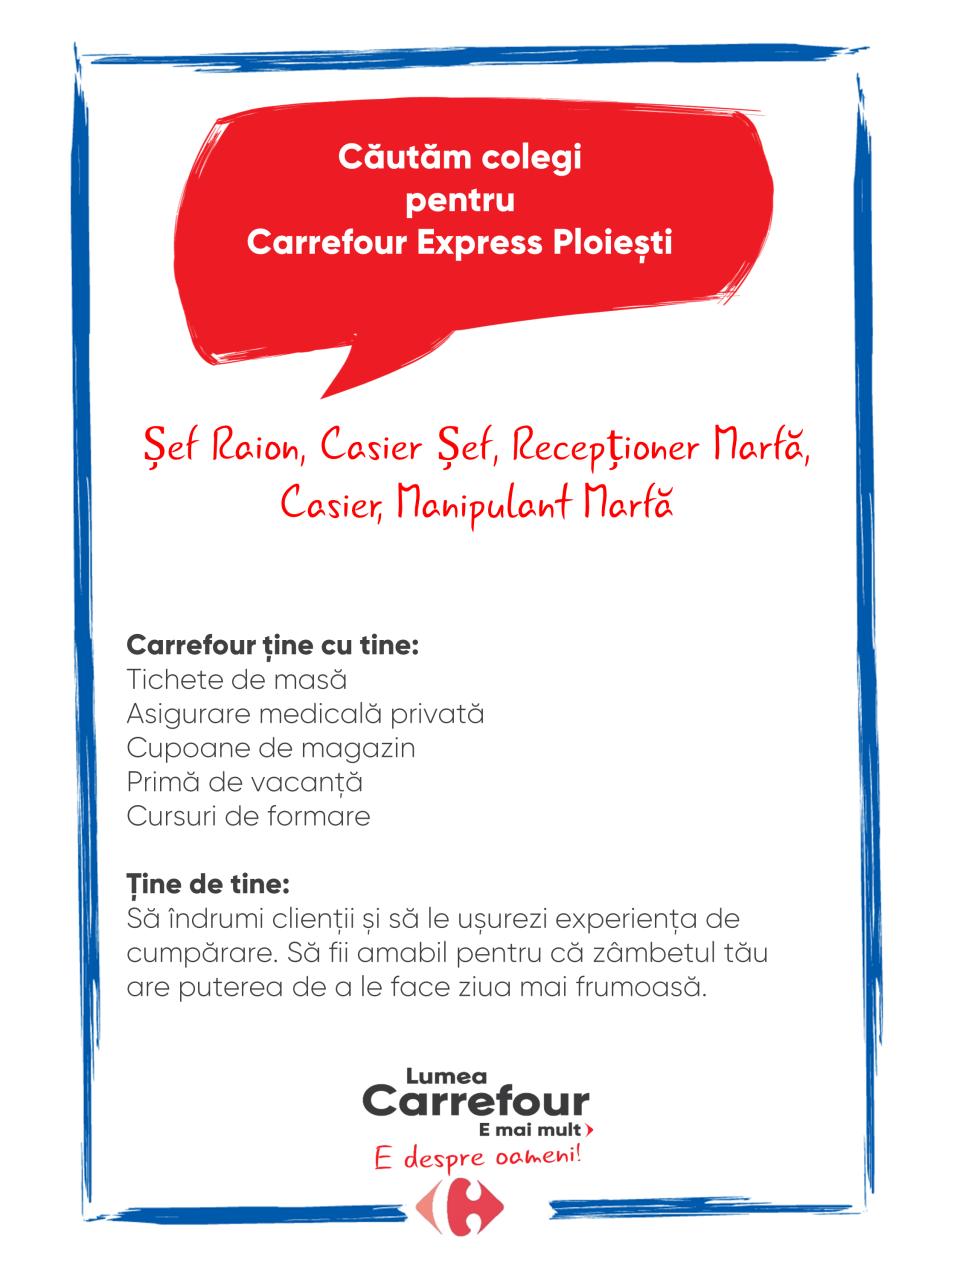 Carrefour ține cu tine: Tichete de masă Asigurare medicală privată Cupoane de magazin Primă de vacanță Cursuri de formare   Ține de tine: Să îndrumi clienții și să le ușurezi experiența de cumpărare. Să fii amabil pentru că zâmbetul tău are puterea de a le face ziua mai frumoasă.  Carrefour ține cu tine: Tichete de masă Asigurare medicală privată Cupoane de magazin Primă de vacanță Cursuri de formare   Ține de tine: Să îndrumi clienții și să le ușurezi experiența de cumpărare. Să fii amabil pentru că zâmbetul tău are puterea de a le face ziua mai frumoasă.   sef raion  sef casier sef relatii clienti   casier manipulant marfa vanzator  lucrator comercial receptioner marfa Lumea Carrefour e mai mult. E despre oameni!Lumea noastră? E despre prietenia fără vârstă și bucuria de a fi buni în ceea ce facem. Despre diversitatea meseriilor, dar mai ales despre diversitatea membrilor unei mari familii. Despre emoția primului job și satisfacția pe care o avem când suntem de ajutor.Fiecare dintre noi avem trăsături care ne fac să fim unici și valoroși. Suntem diferiți și în același timp suntem la fel ca toți românii: vrem să fim liberi, să alegem, să ne exprimăm punctul de vedere, să ne simțim bine.